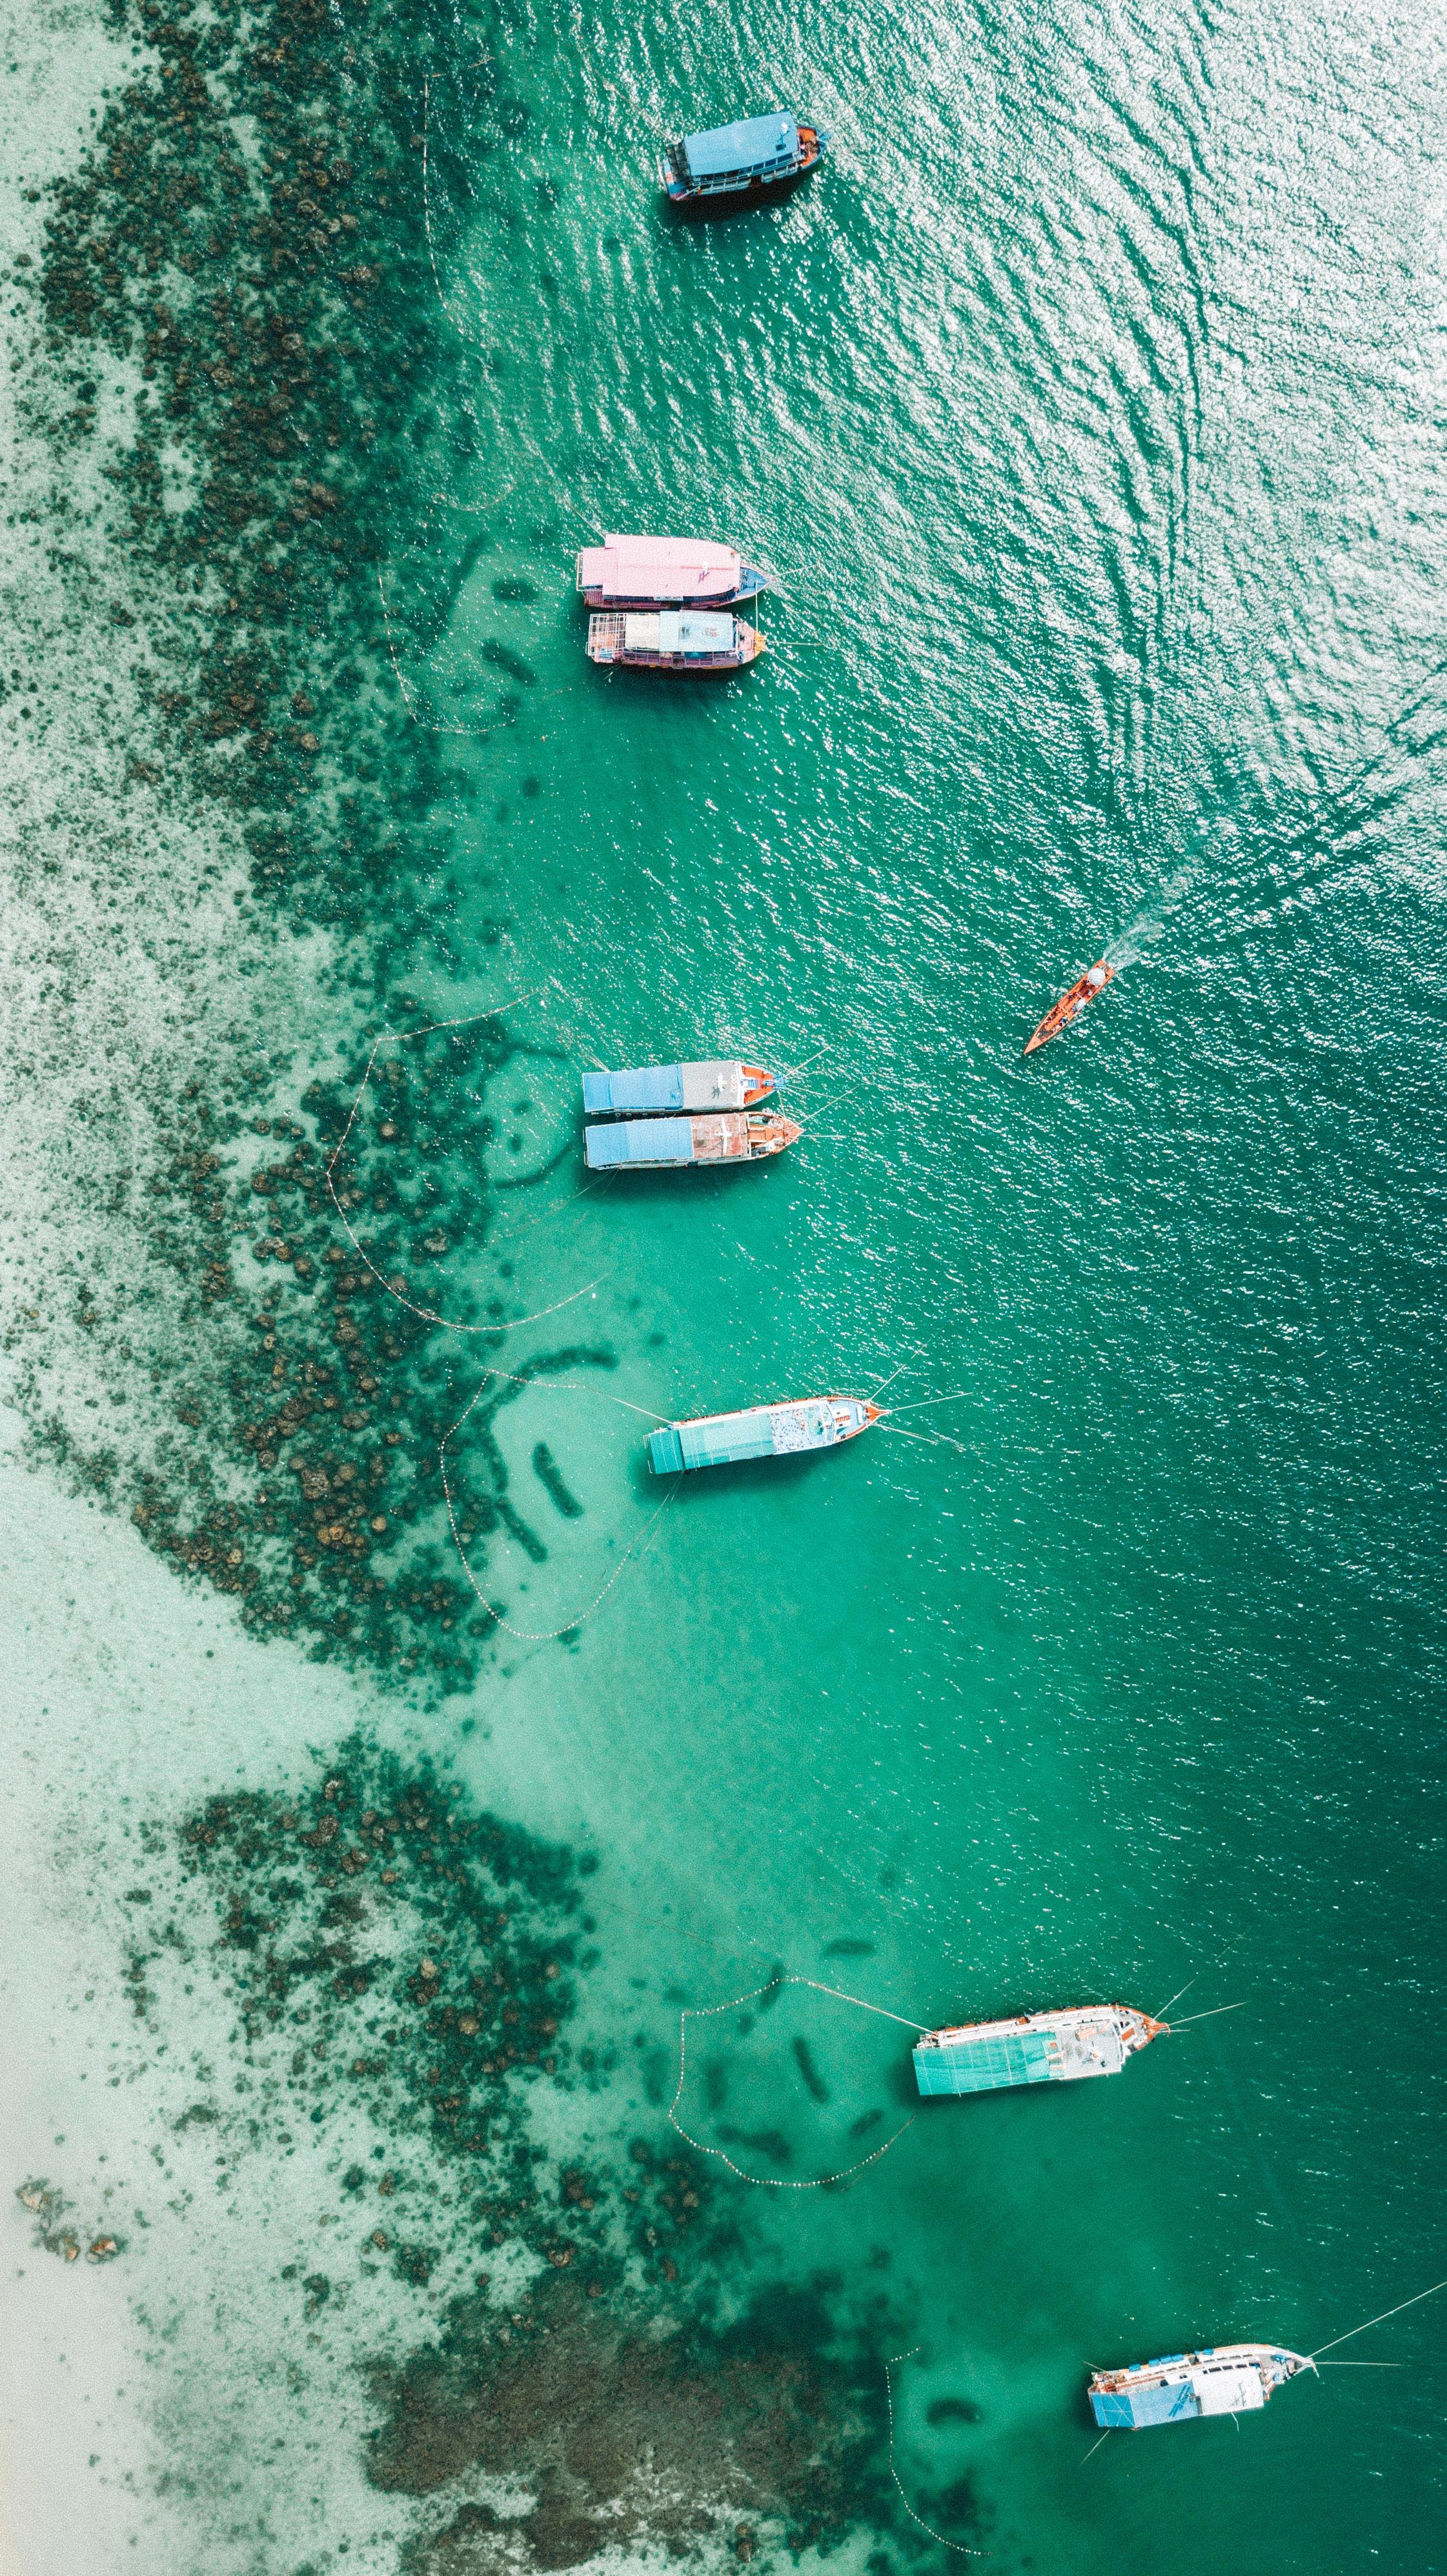 112575 Заставки и Обои Лодки на телефон. Скачать Природа, Берег, Лодки, Мель, Океан, Пришвартованные, Вид С Воздуха картинки бесплатно